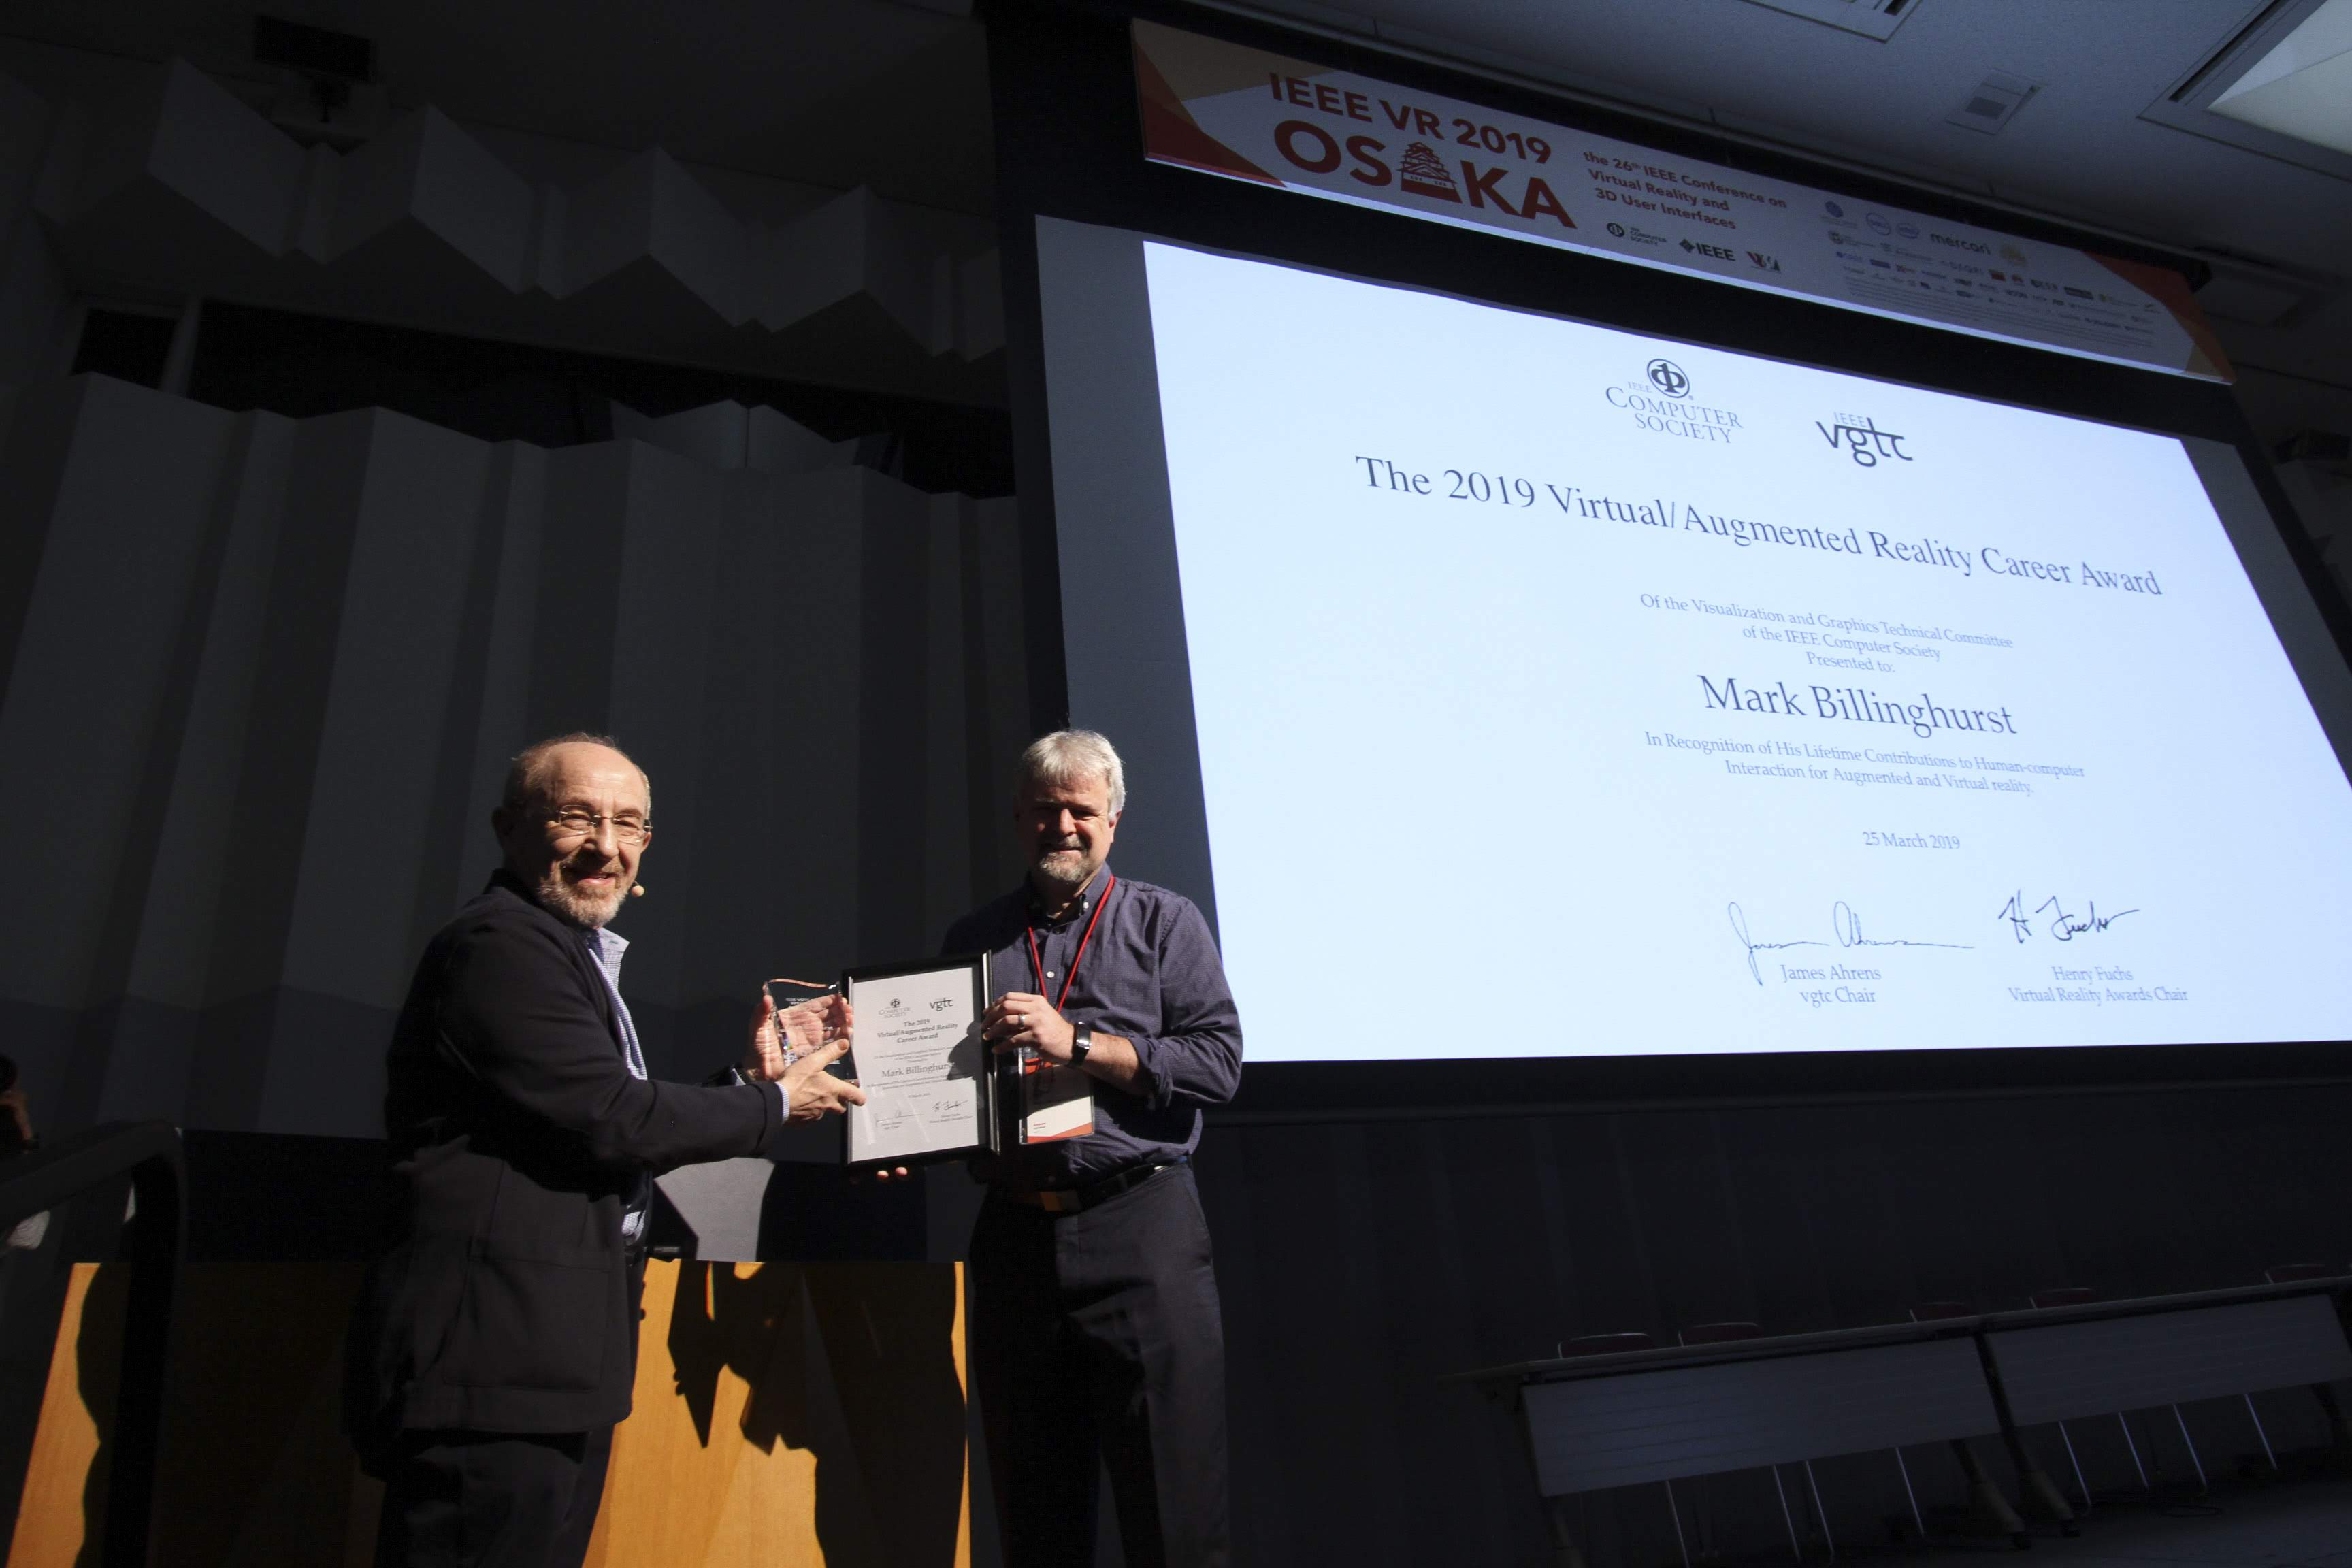 vgtc dissertation award